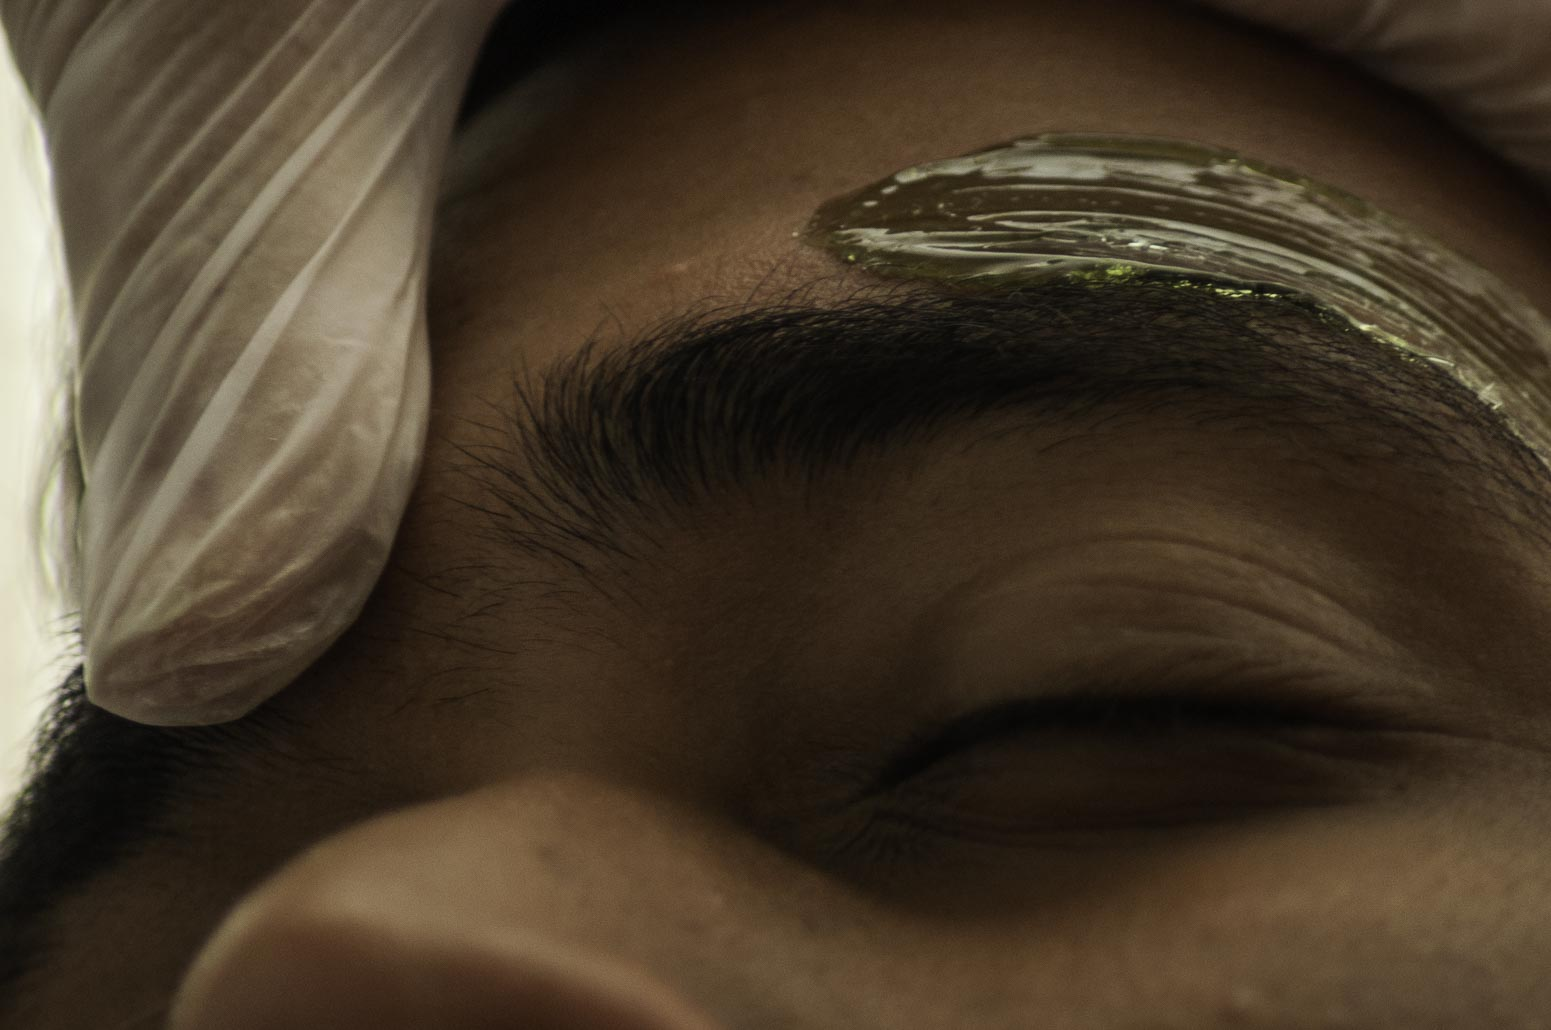 Os segredos da depilação masculina